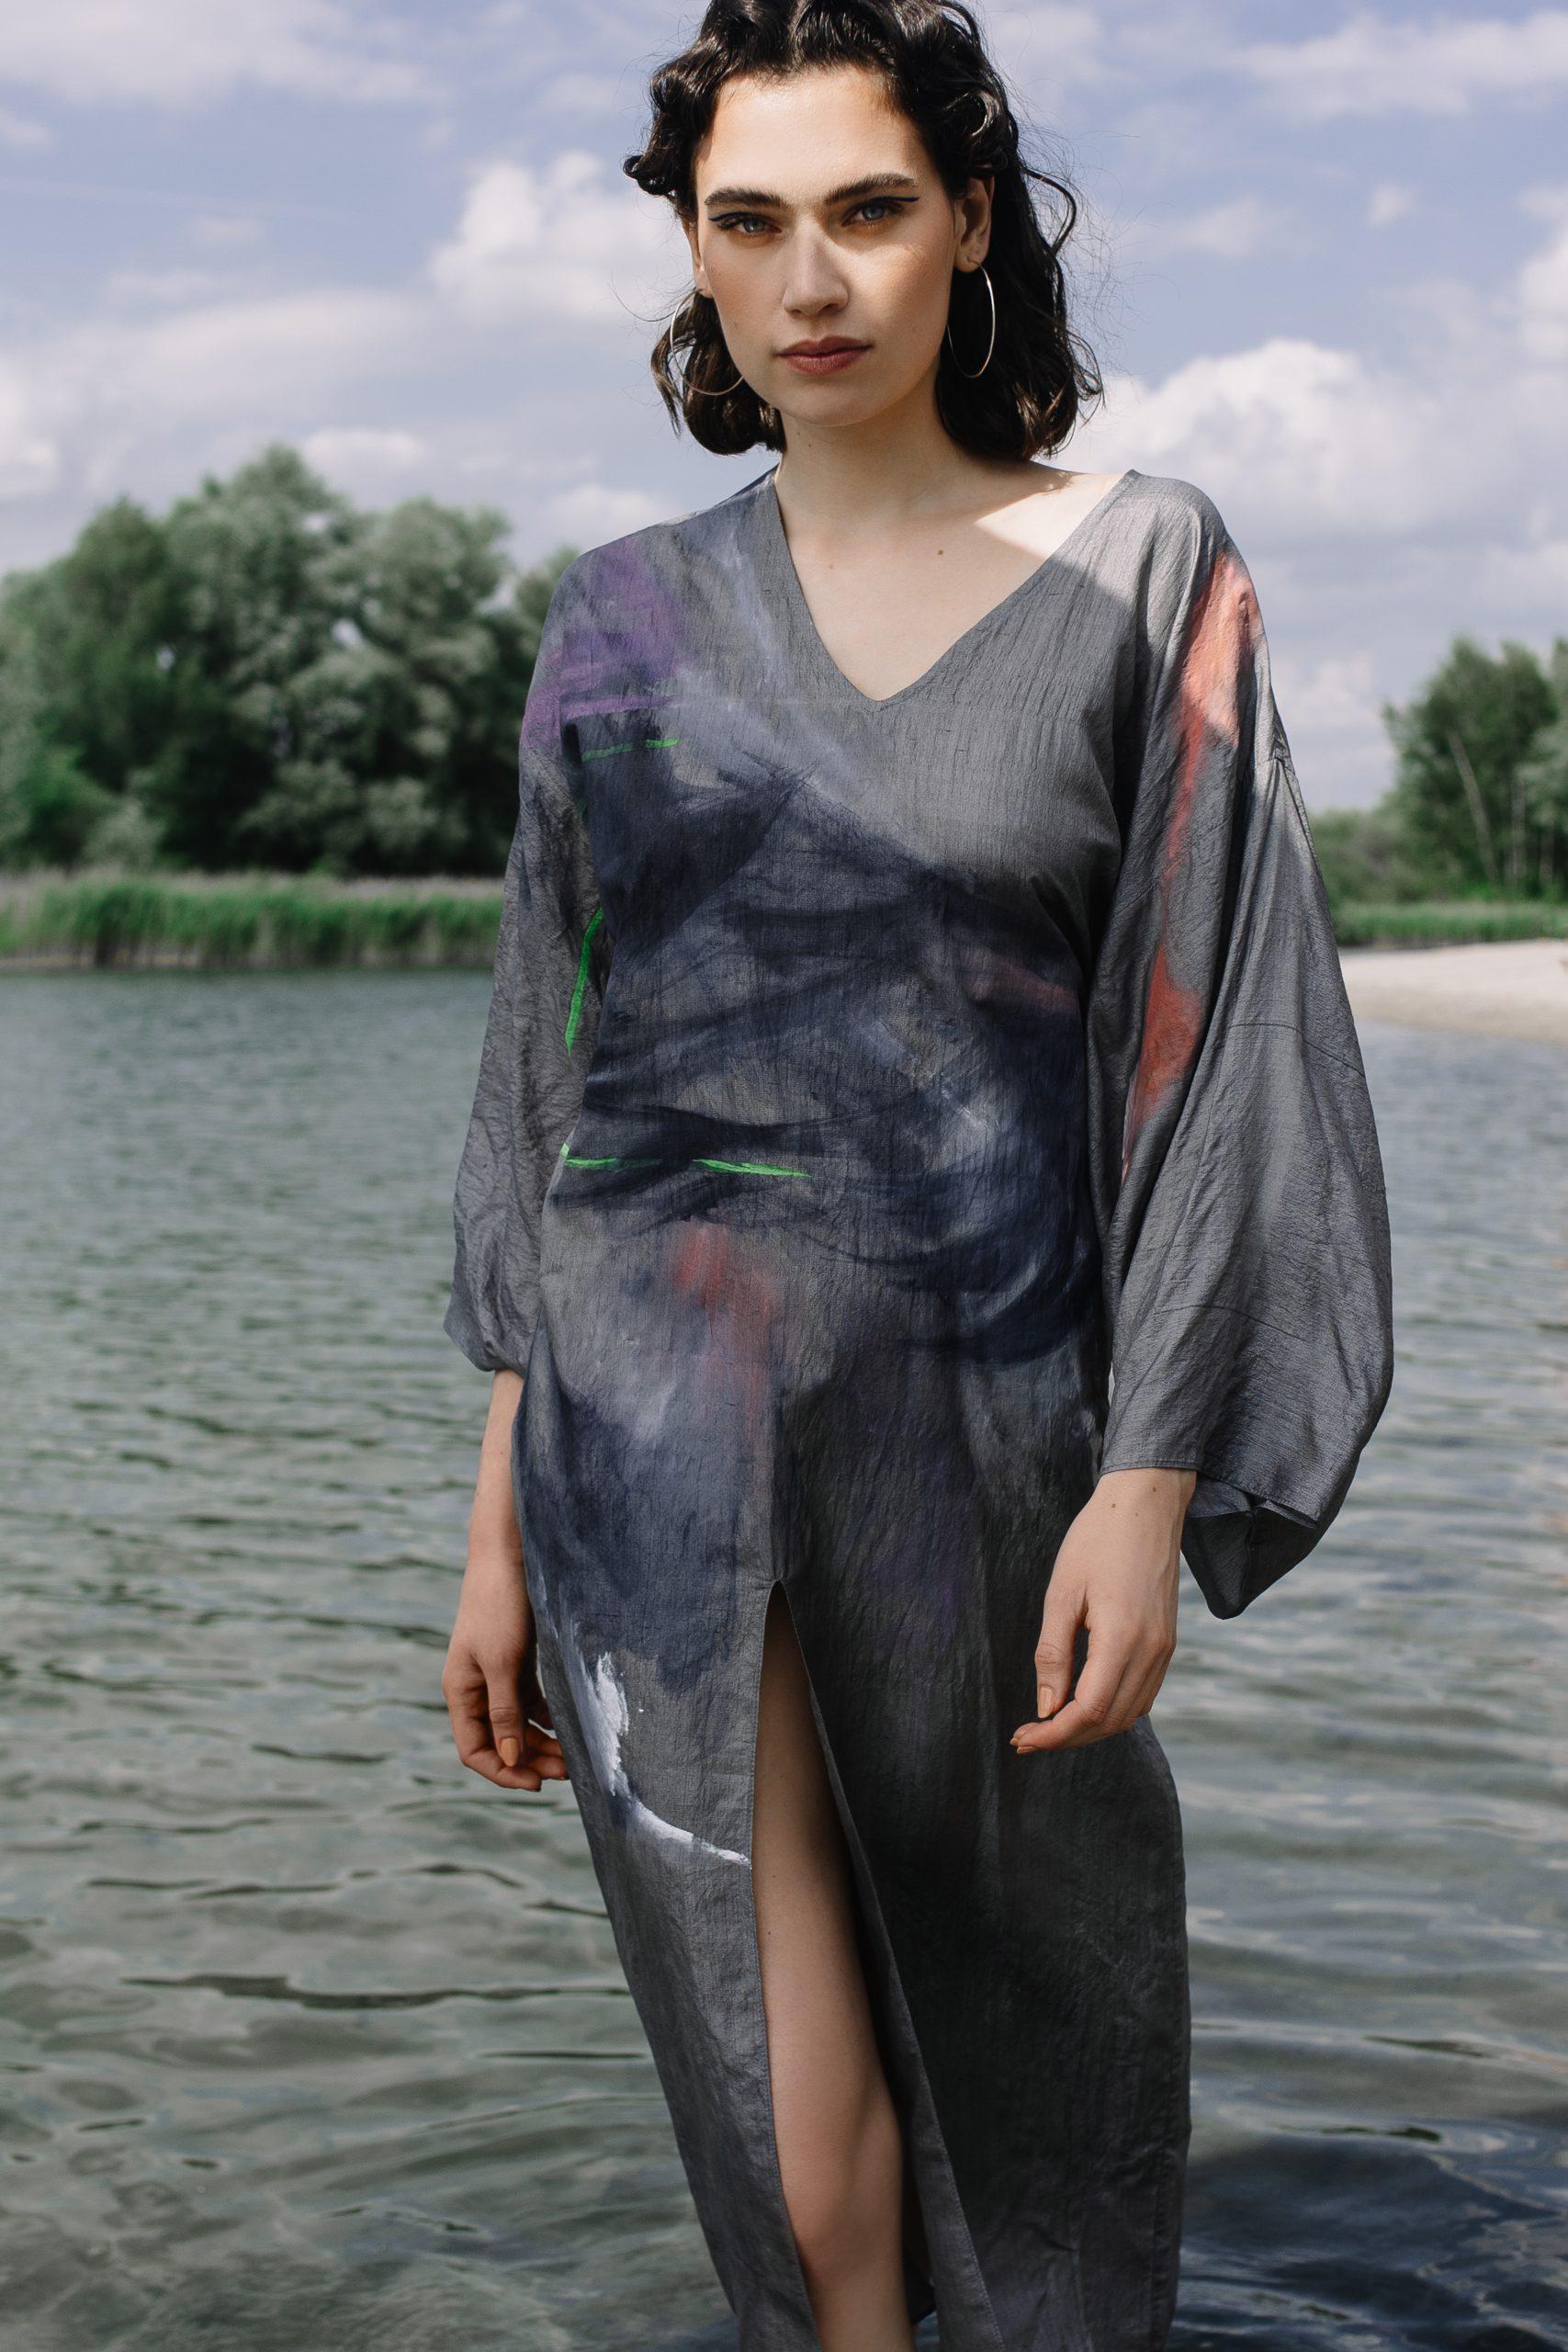 La firma de moda sostenible presenta colección inspirada en el movimiento de las olas